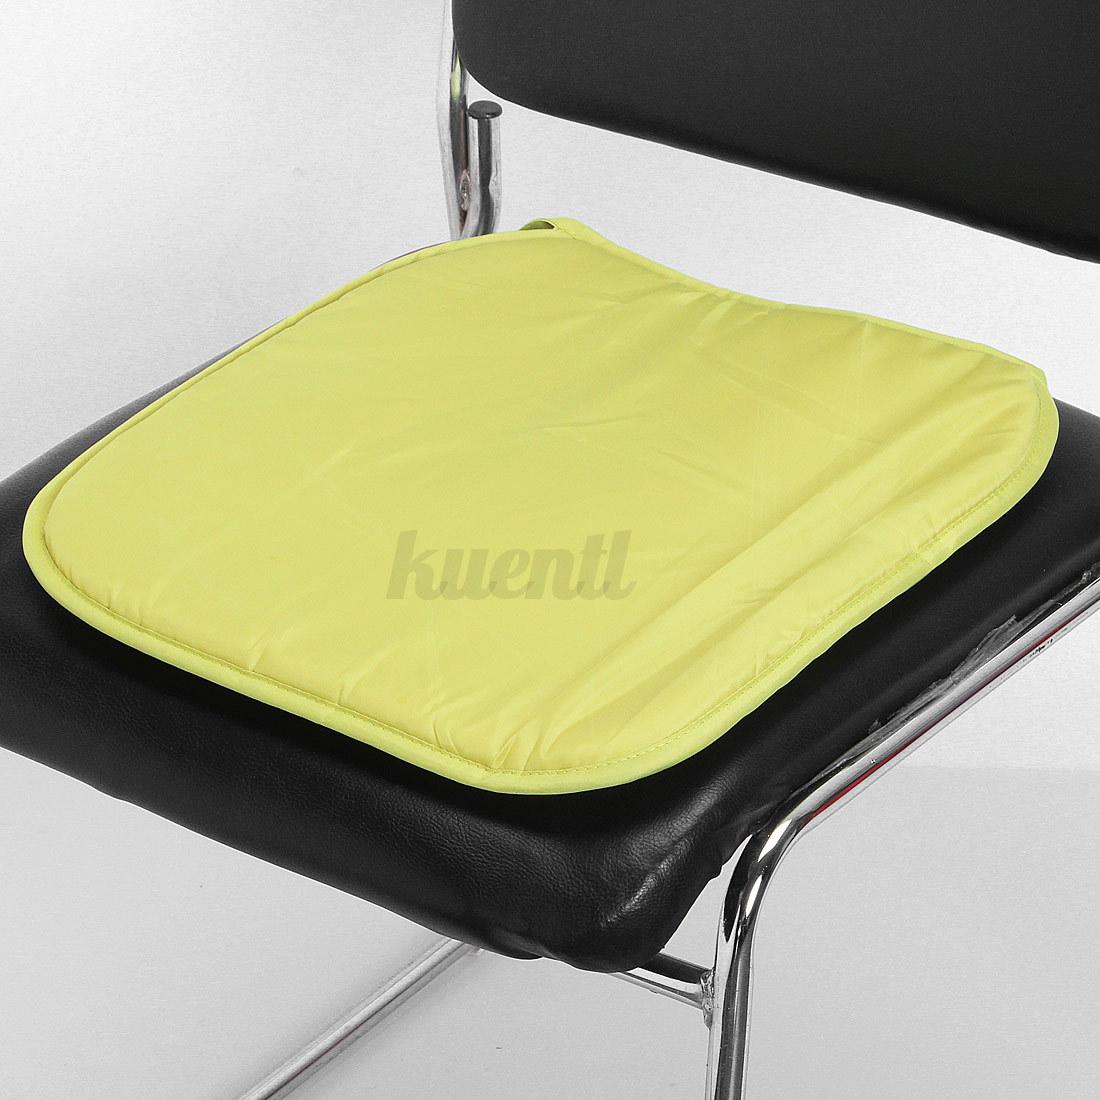 Cocina comedor casa jard n silla cojines de asiento coj n for Cojin silla oficina